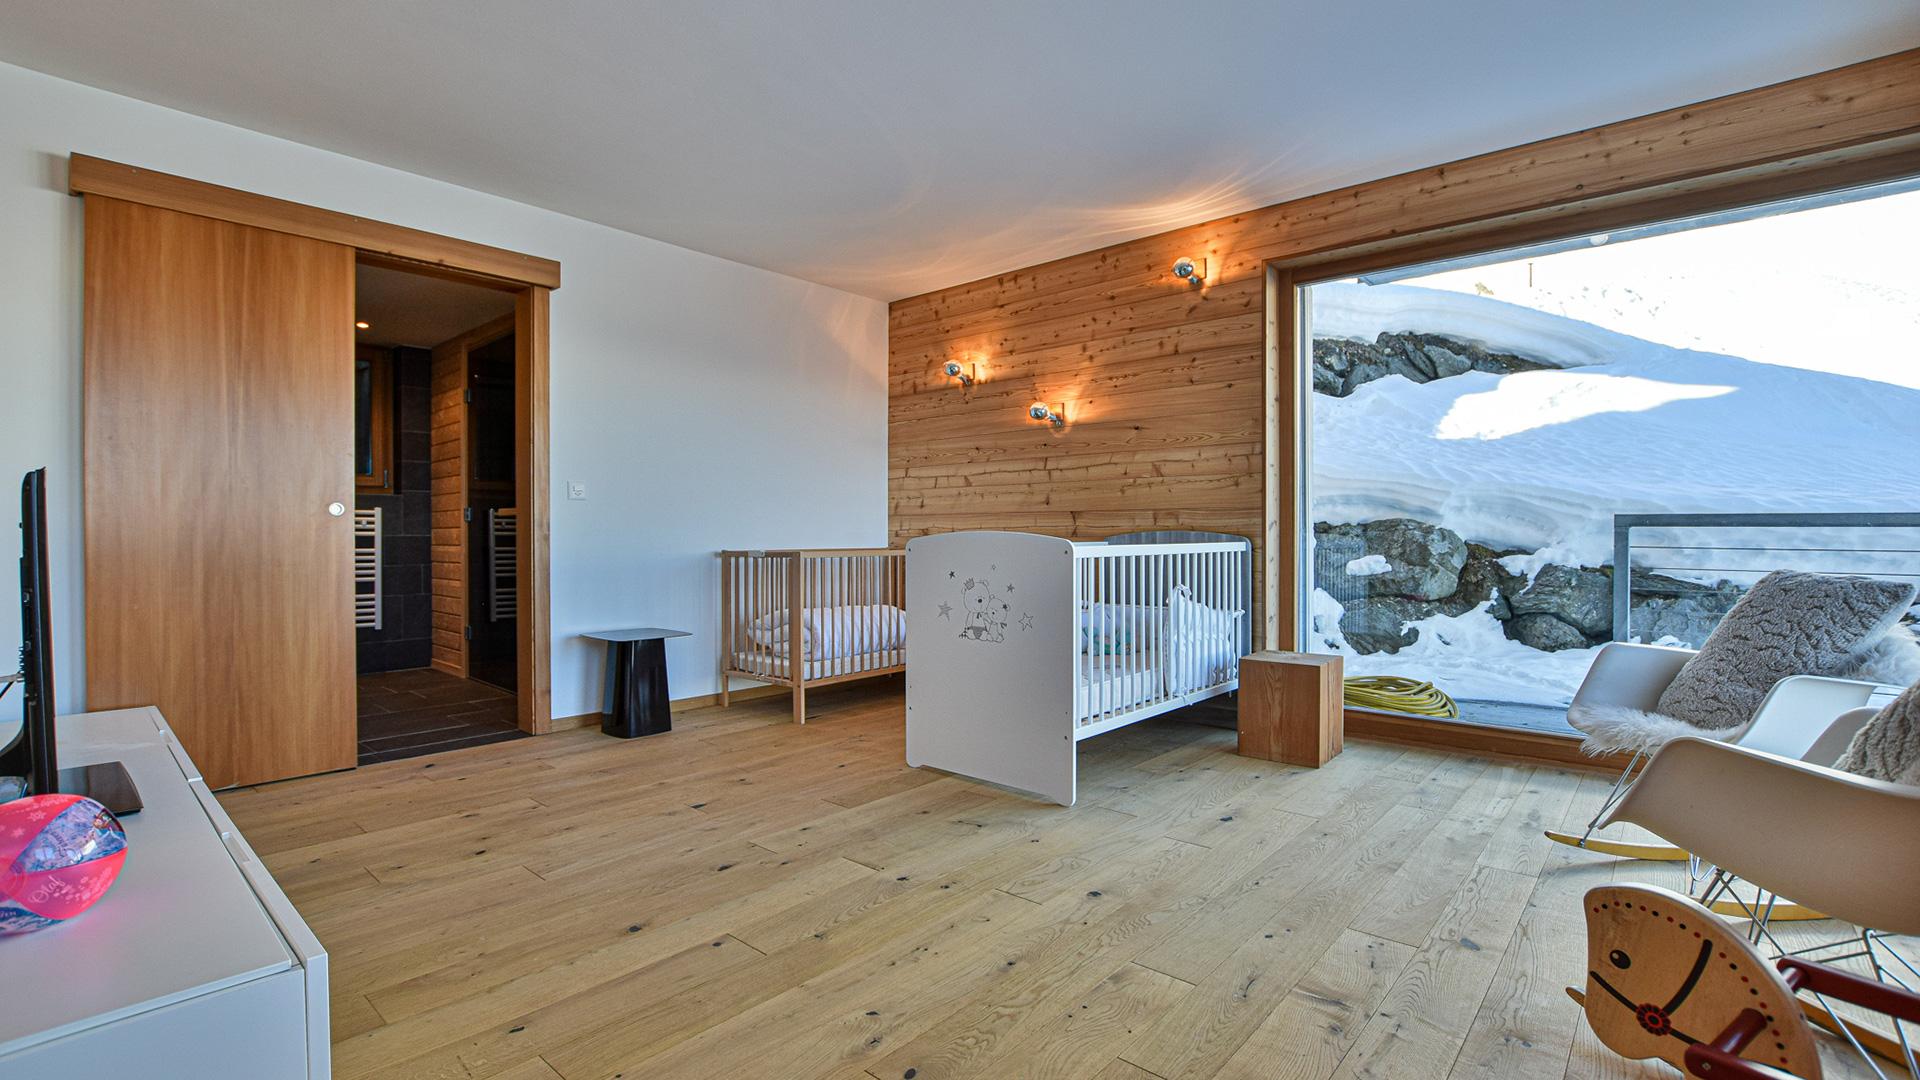 Chalet Maguy Chalet, Switzerland